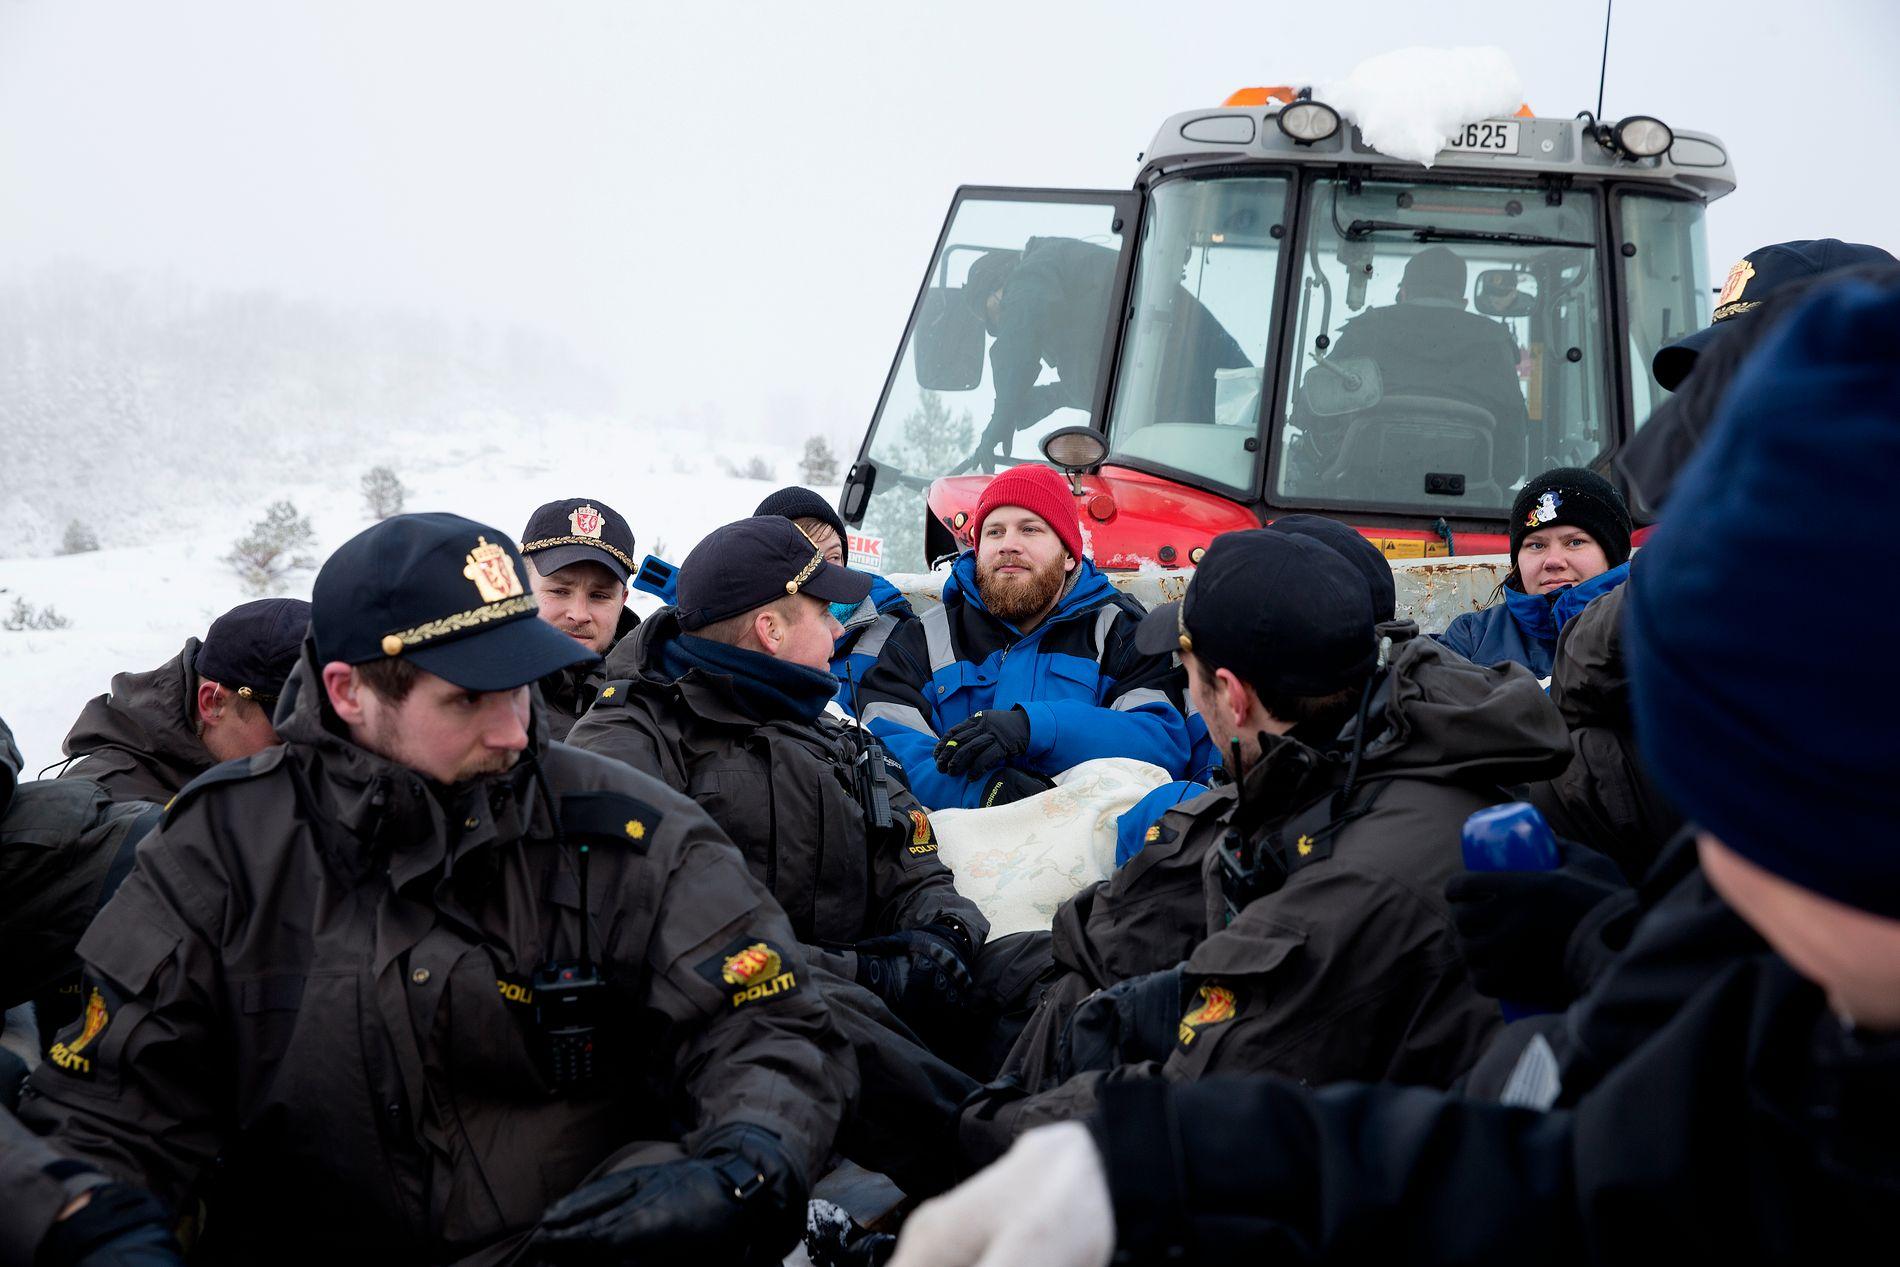 AKSJONER: Planene om dumping har utløst protester i lokalmiljøet. I februar i fjor ble aksjonister pågrepet etter å ha lenket seg fast på Engebøfjellet.